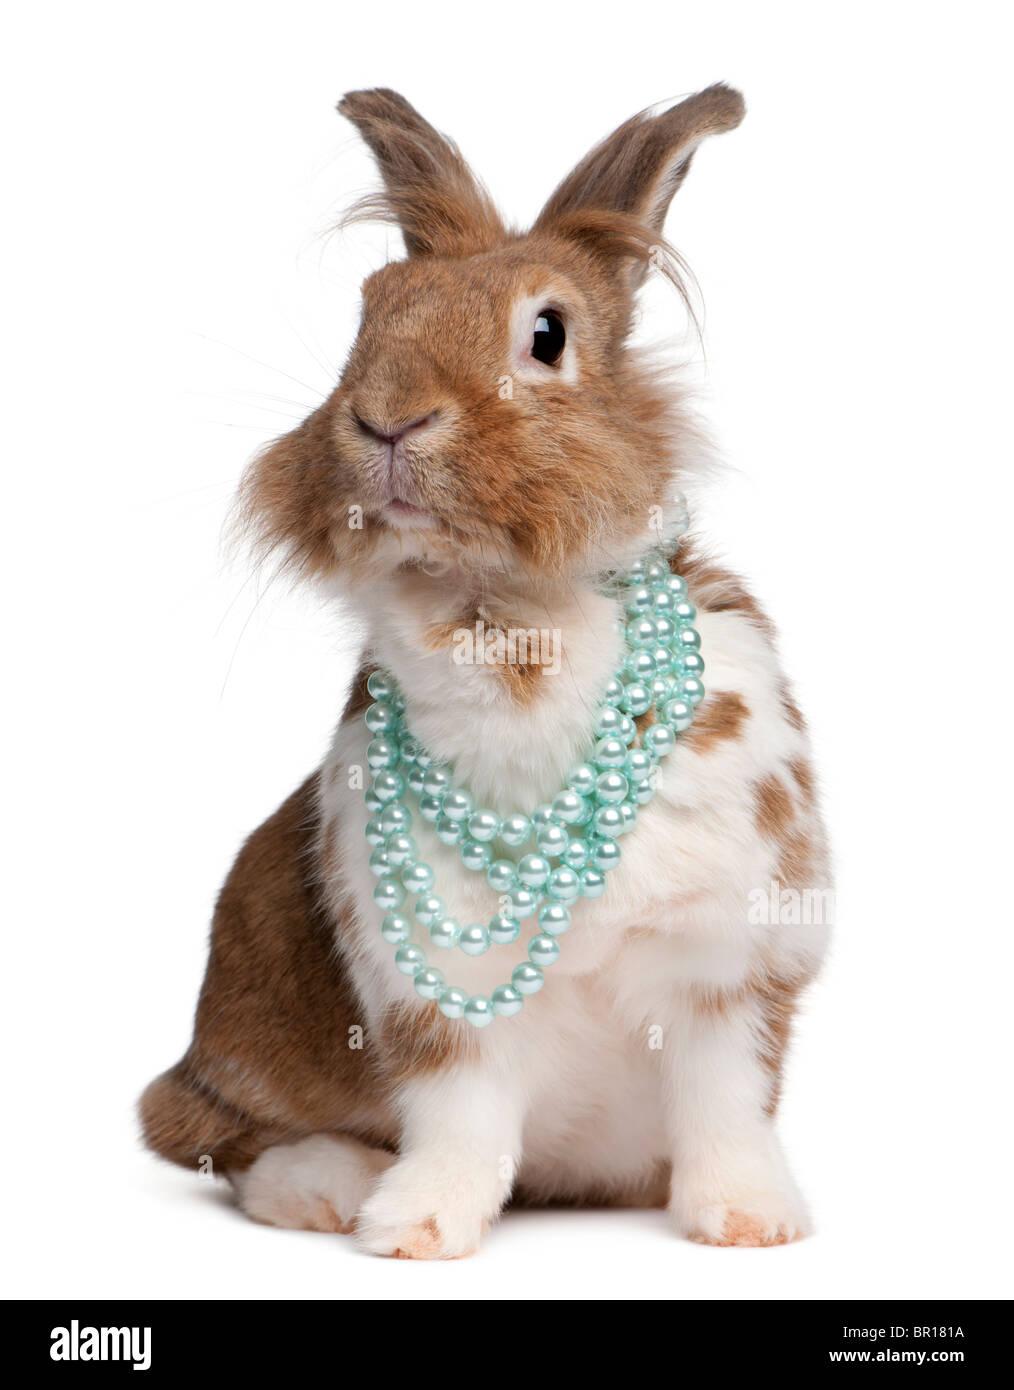 Portrait d'un lapin européen portant des colliers de perles, Oryctolagus cuniculus, in front of white background Photo Stock